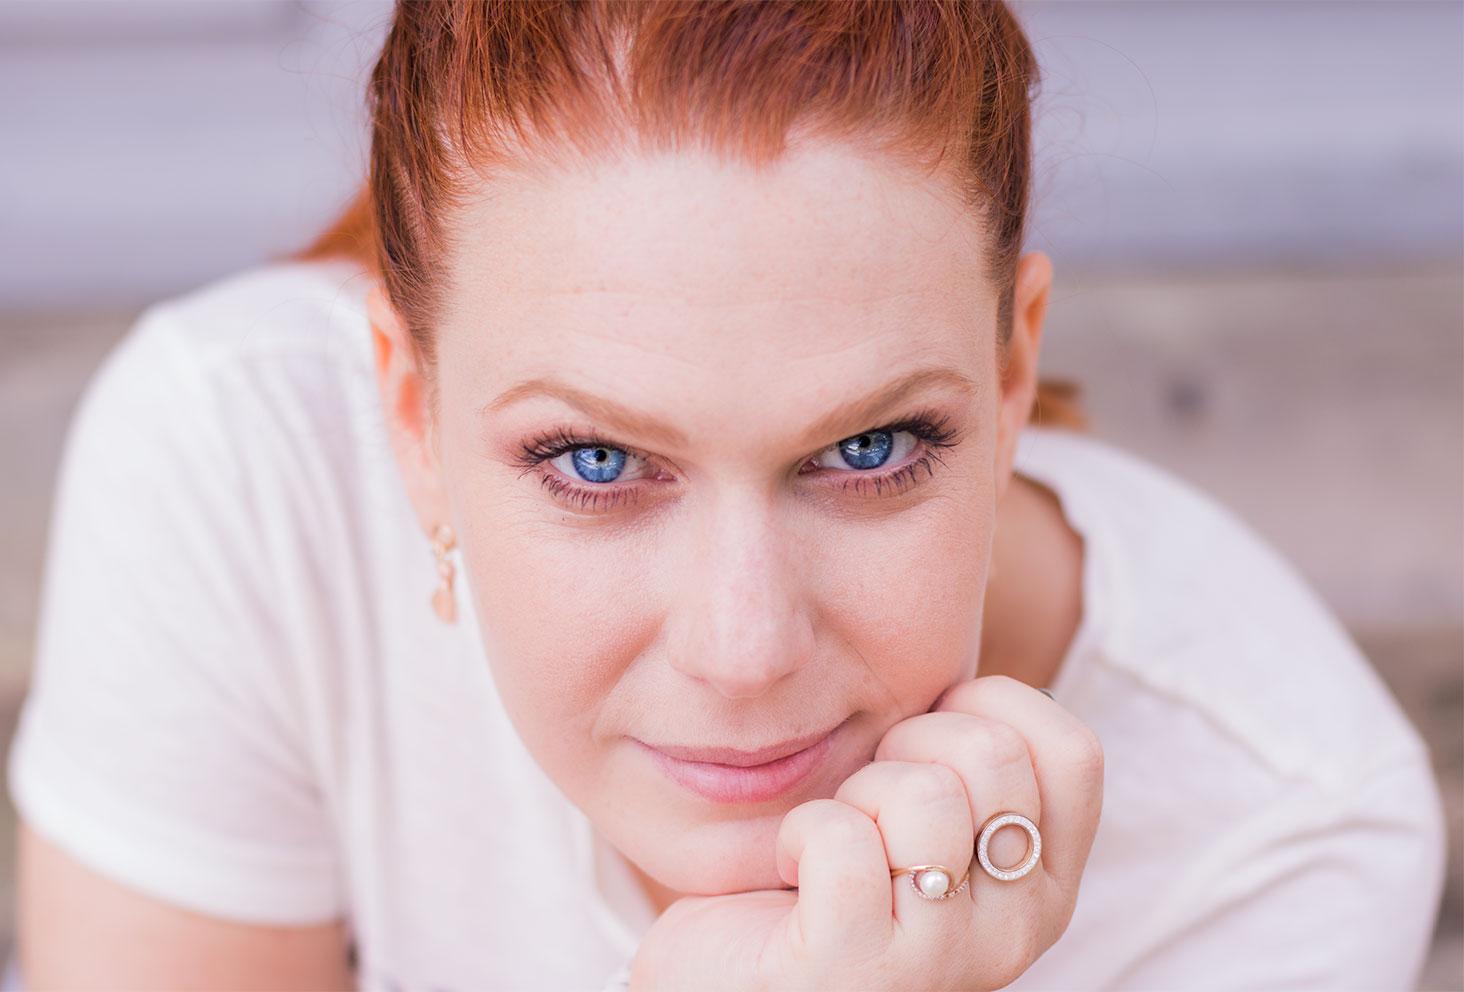 Portrait visage, yeux bleus et cheveux attachés, le menton appuyé sur la main